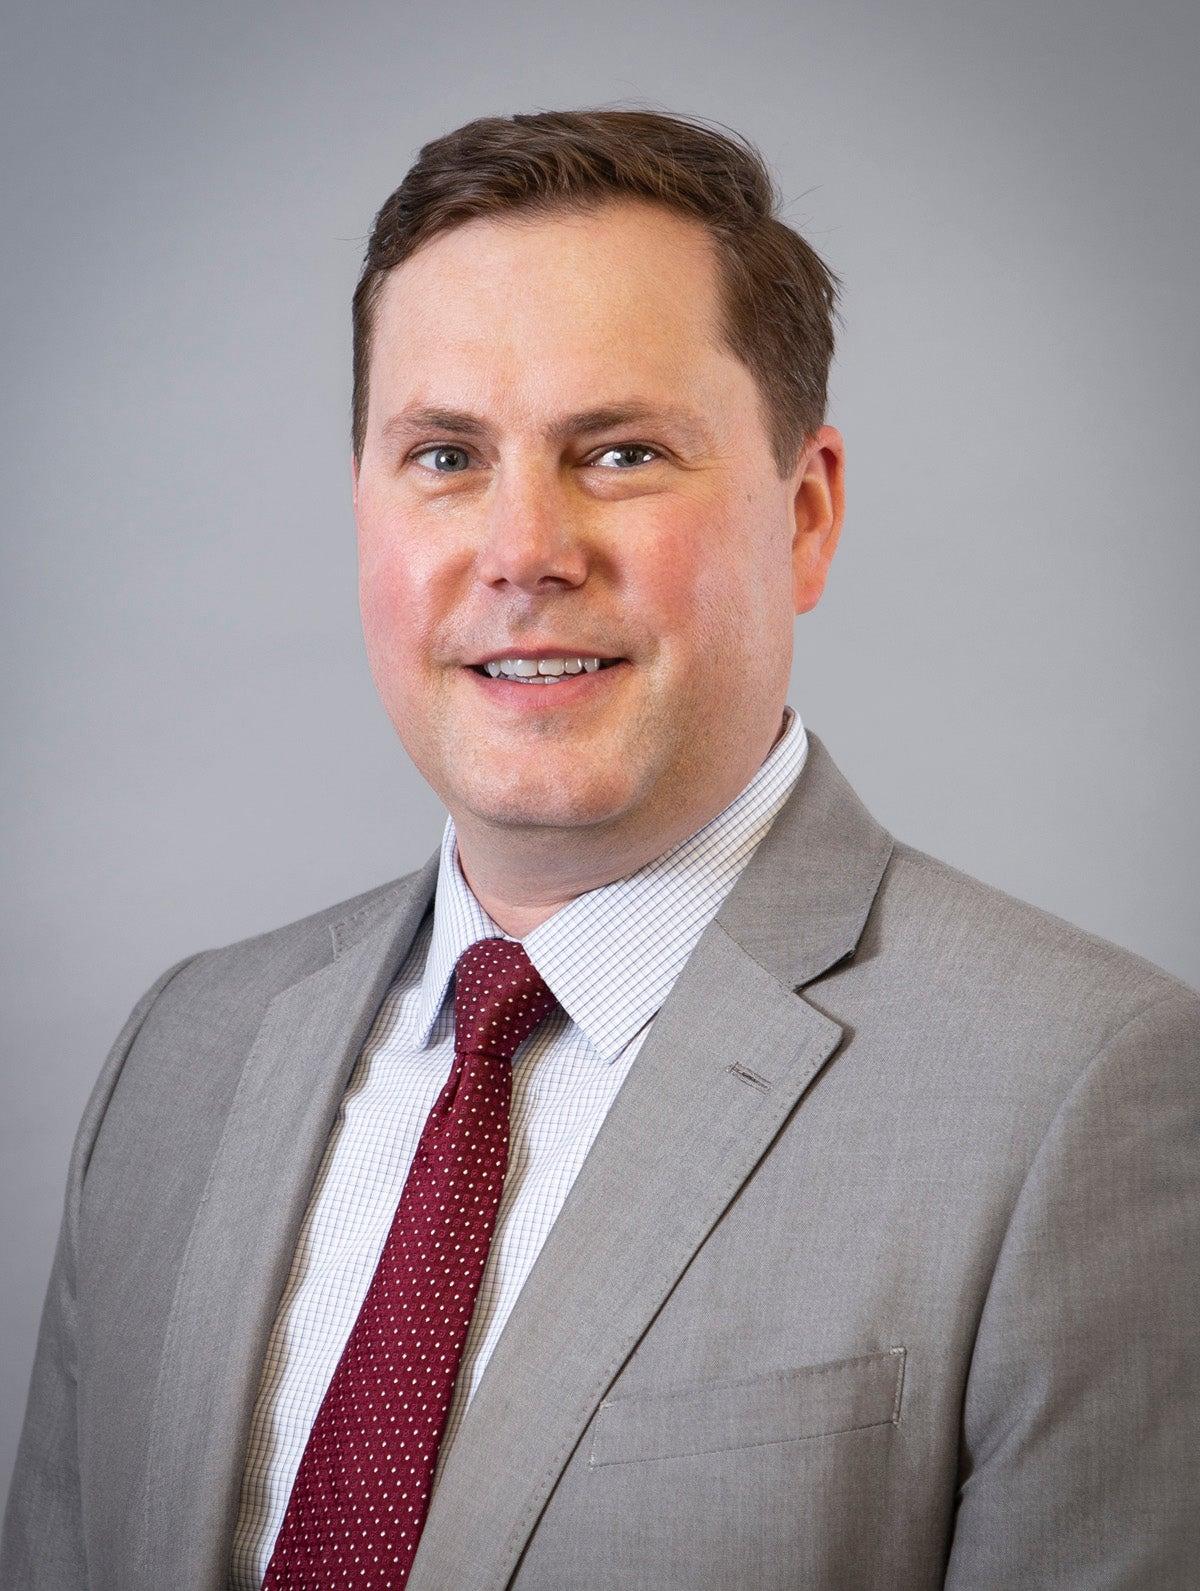 Monona Bank Senior Vice President of Business Banking - Matt Karnick